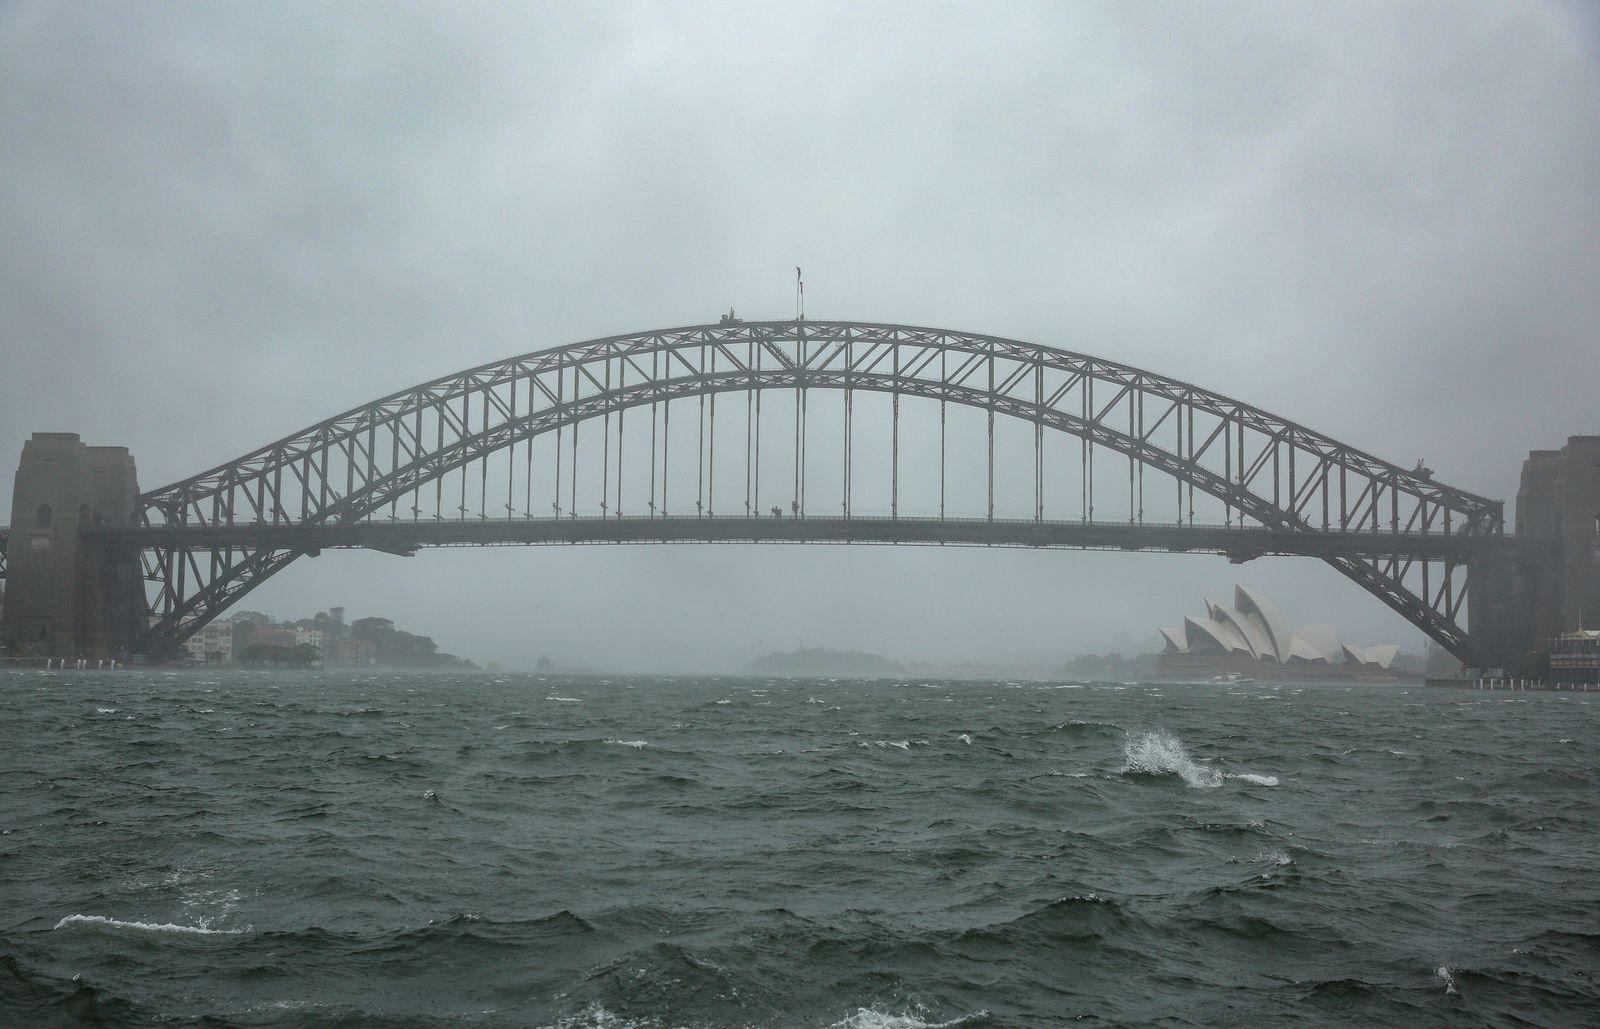 Regen in Australien